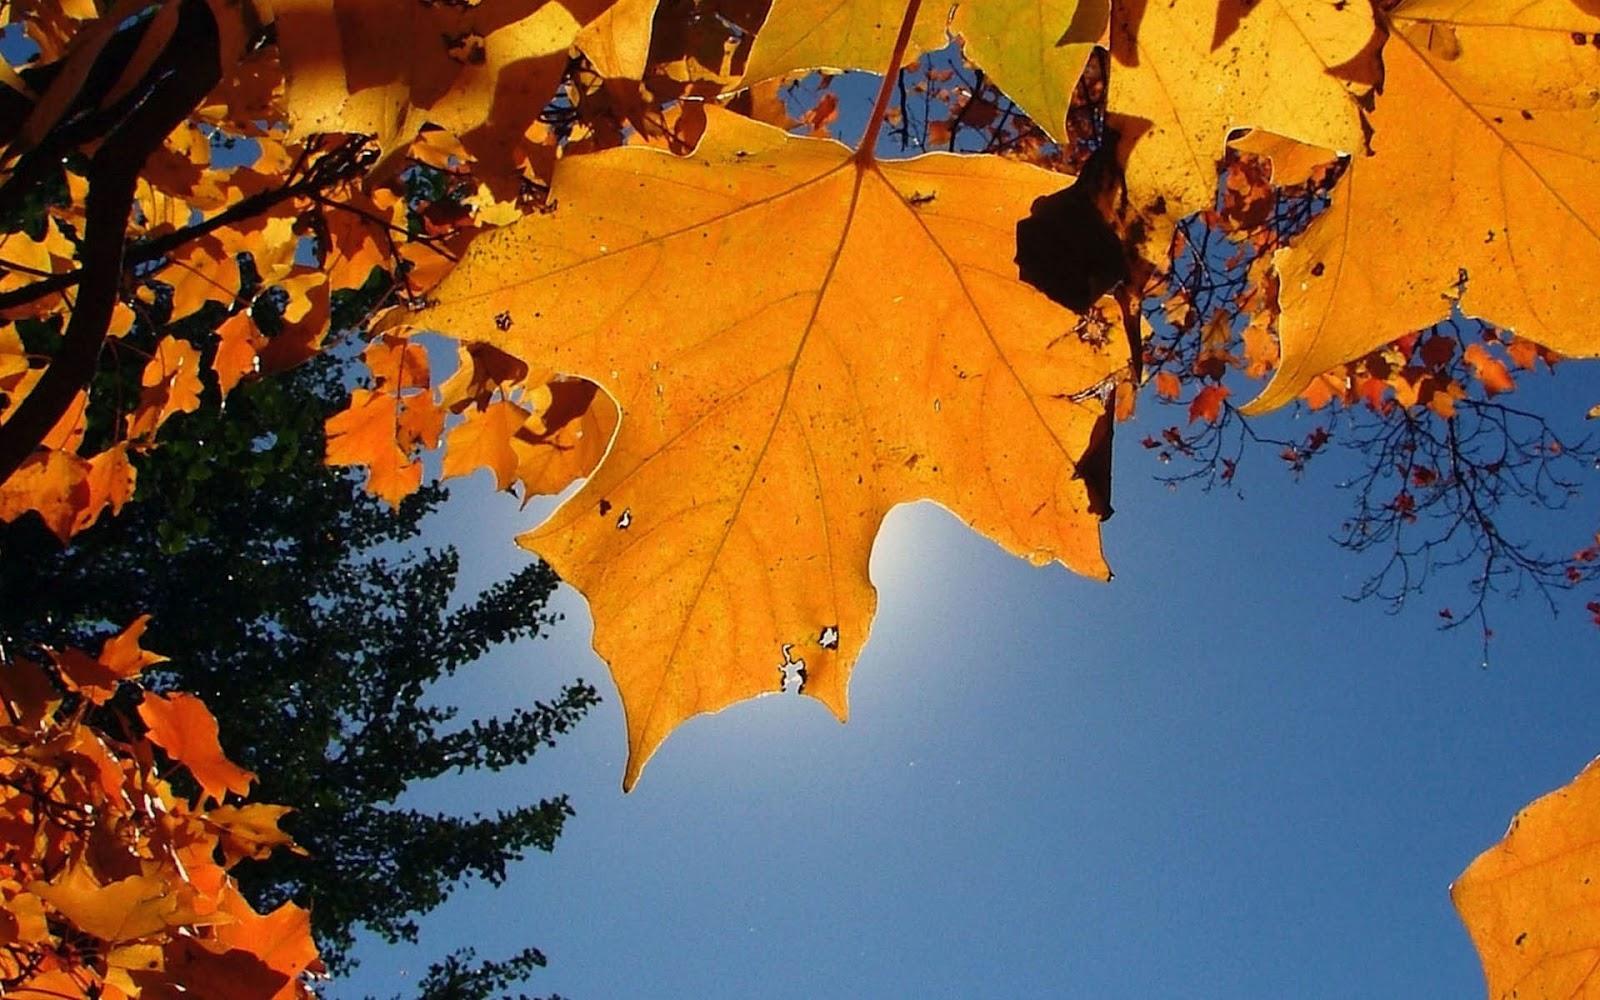 http://1.bp.blogspot.com/-OJkHWdQ2Eoc/UEh6vyJfUMI/AAAAAAAAGbA/o-W1jffBFw4/s1600/hd-herfst-wallpaper-met-oranje-herfstbladeren-aan-de-boom-hd-herfst-wallpaper-foto.jpg